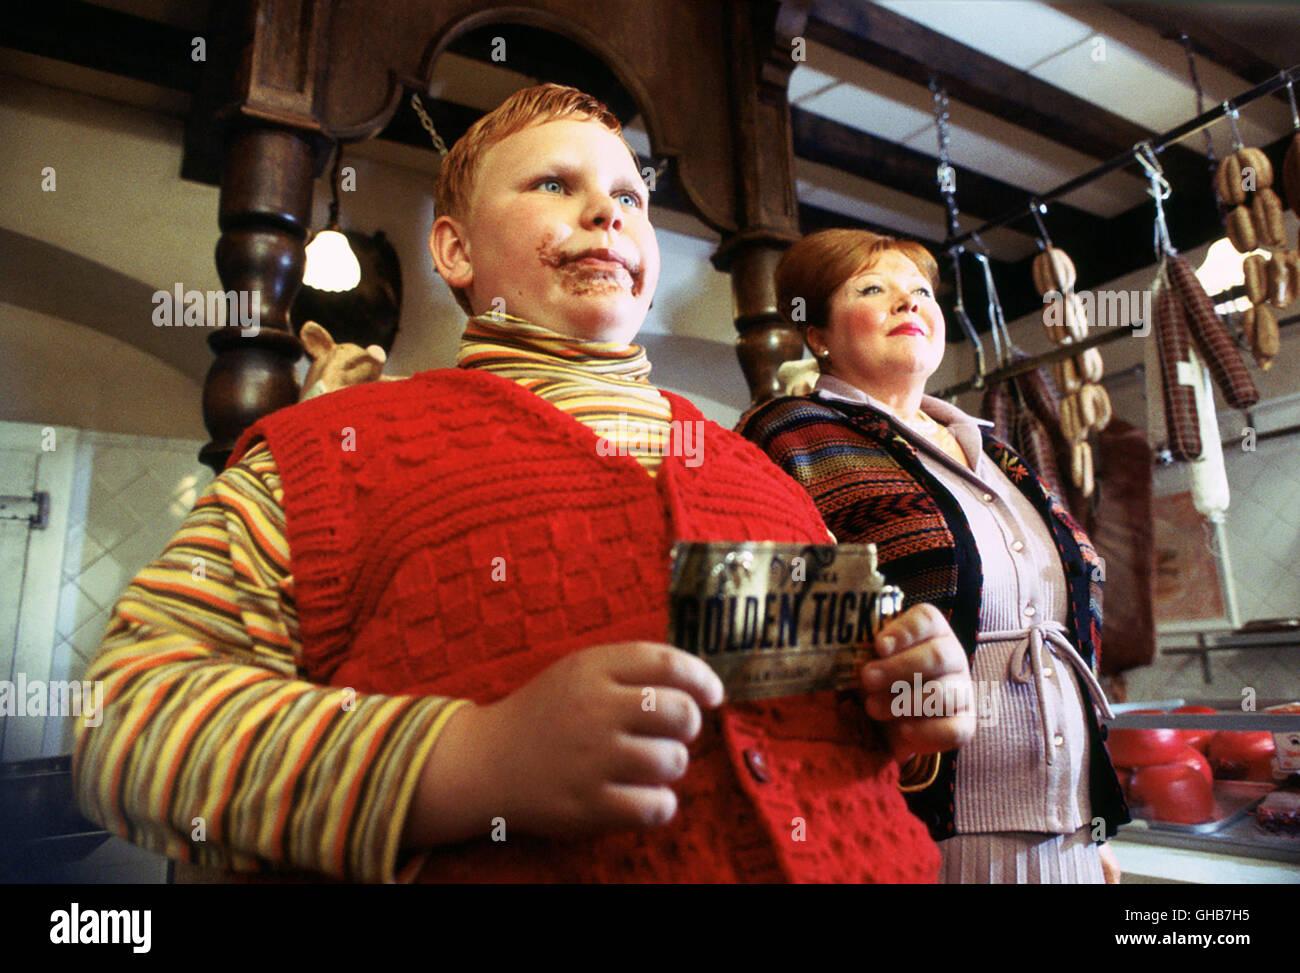 charlies schokoladenfabrik ganzer film